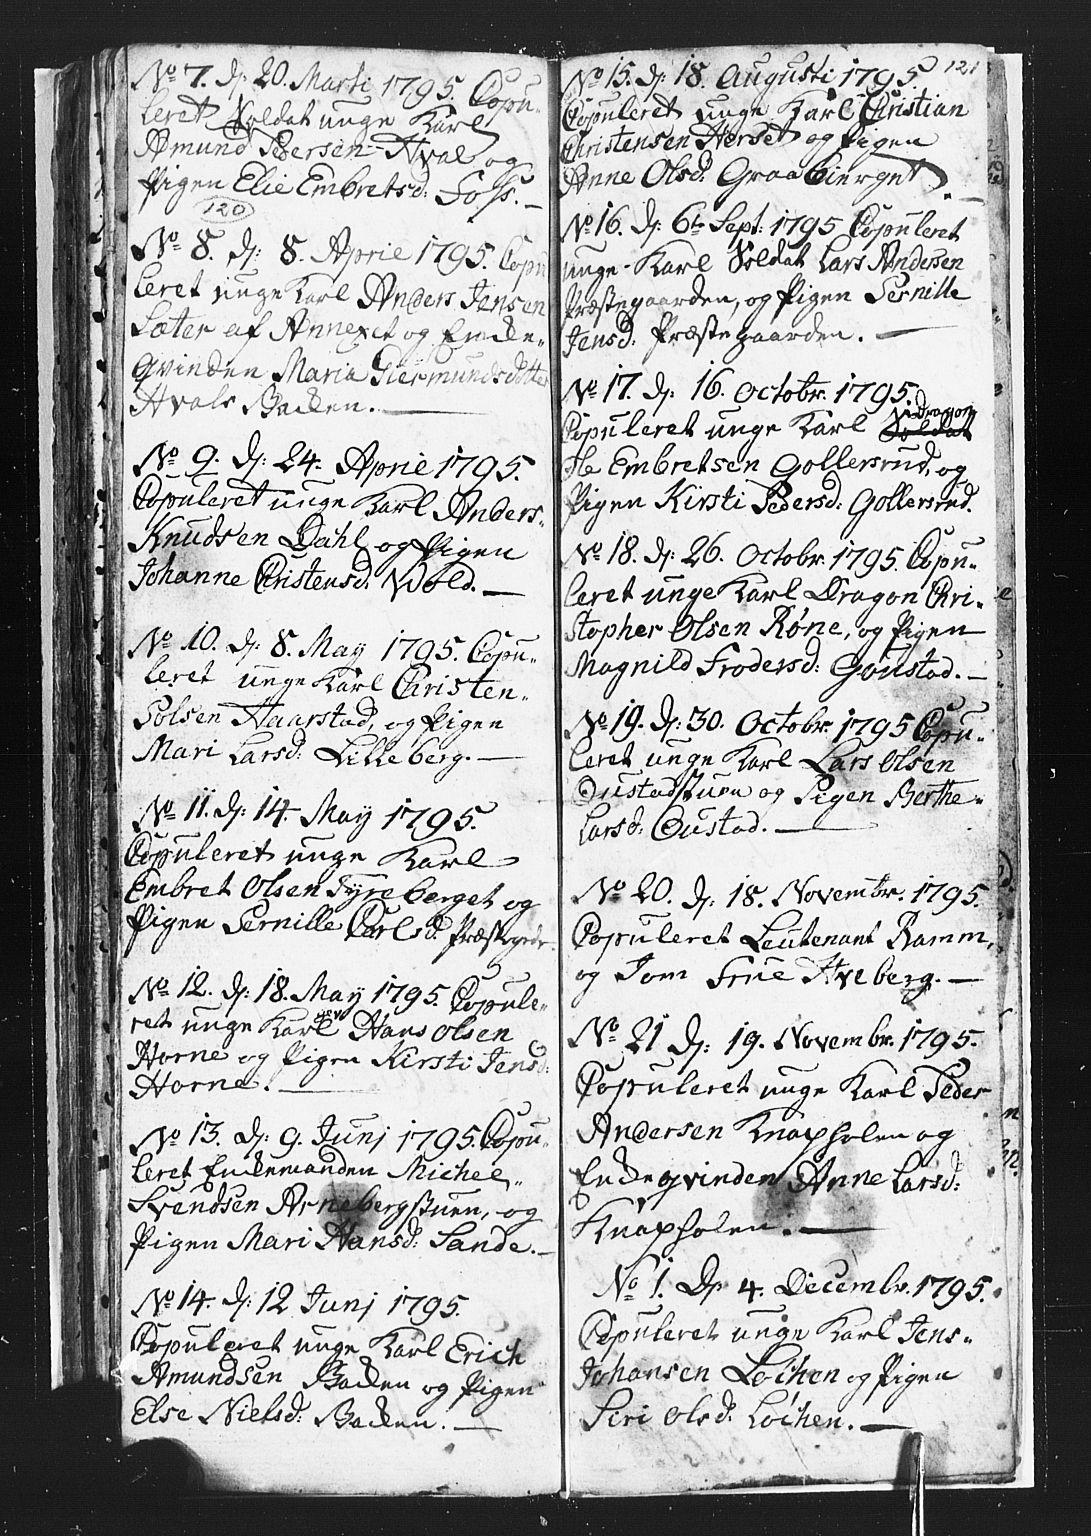 SAH, Romedal prestekontor, L/L0002: Parish register (copy) no. 2, 1795-1800, p. 120-121